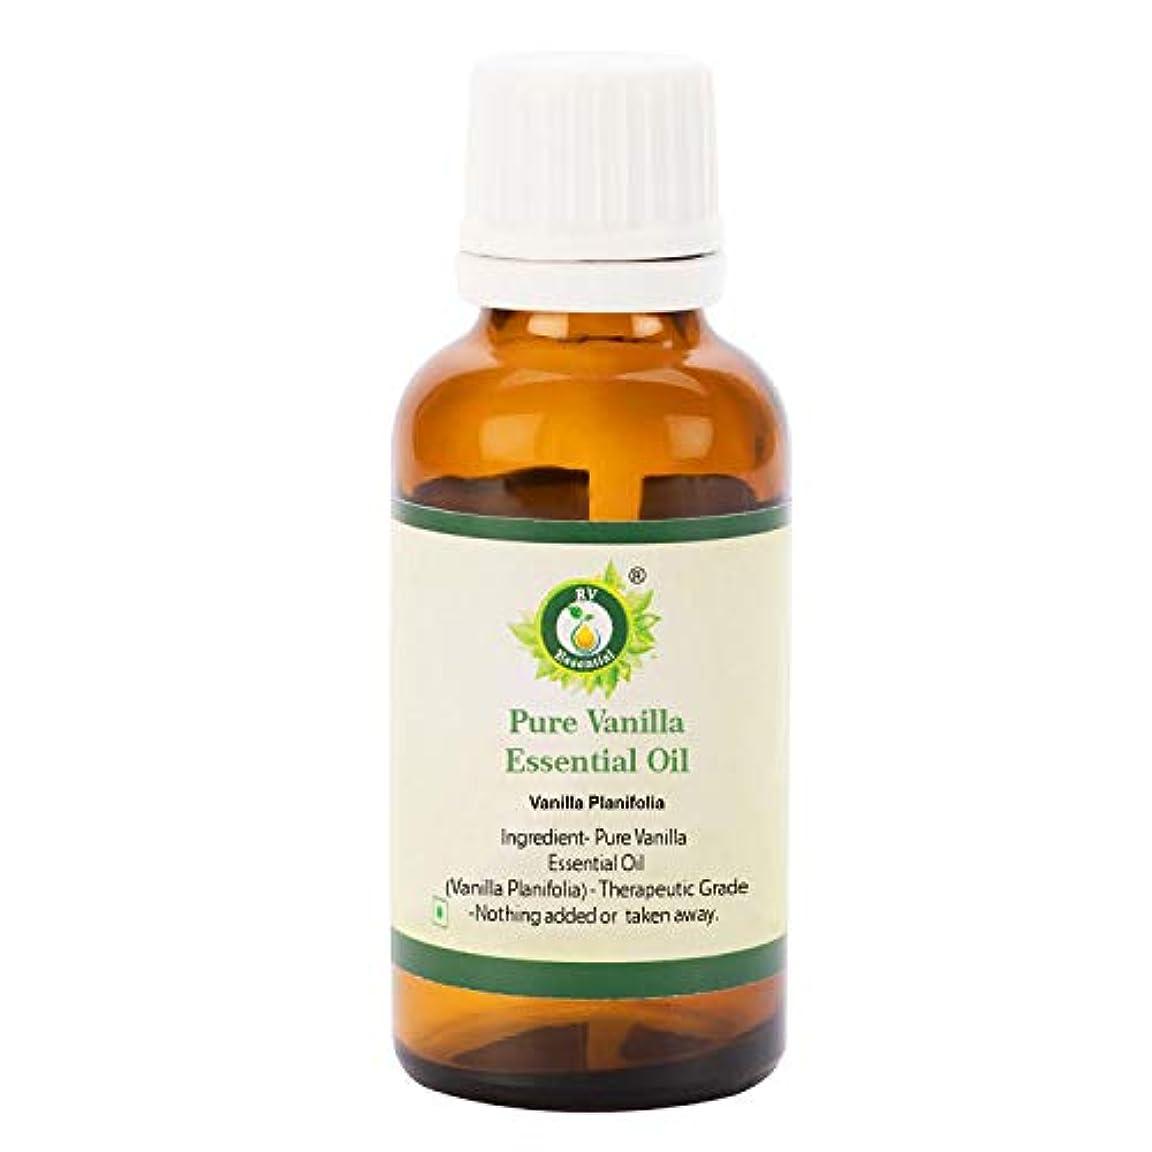 うるさい忍耐大邸宅R V Essential ピュアバニラエッセンシャルオイル10ml (0.338oz)- Vanilla Planifolia (100%純粋&天然) Pure Vanilla Essential Oil